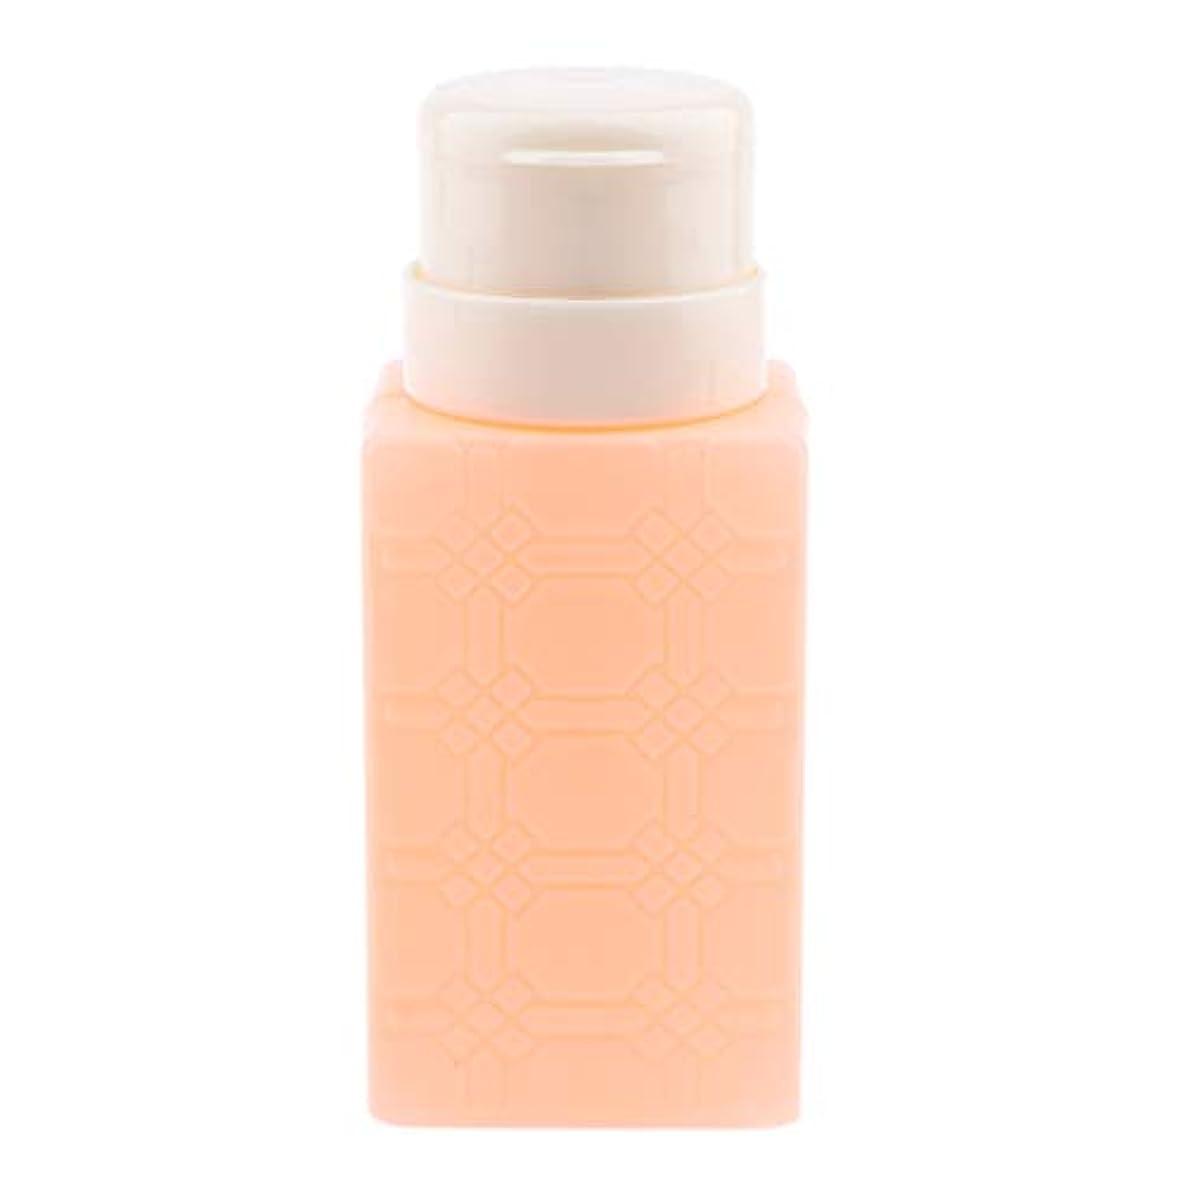 テープしっかりアライメント200ml ネイルアート ディスペンサーポンプボトル ネイルサロン 4色選べ - オレンジ